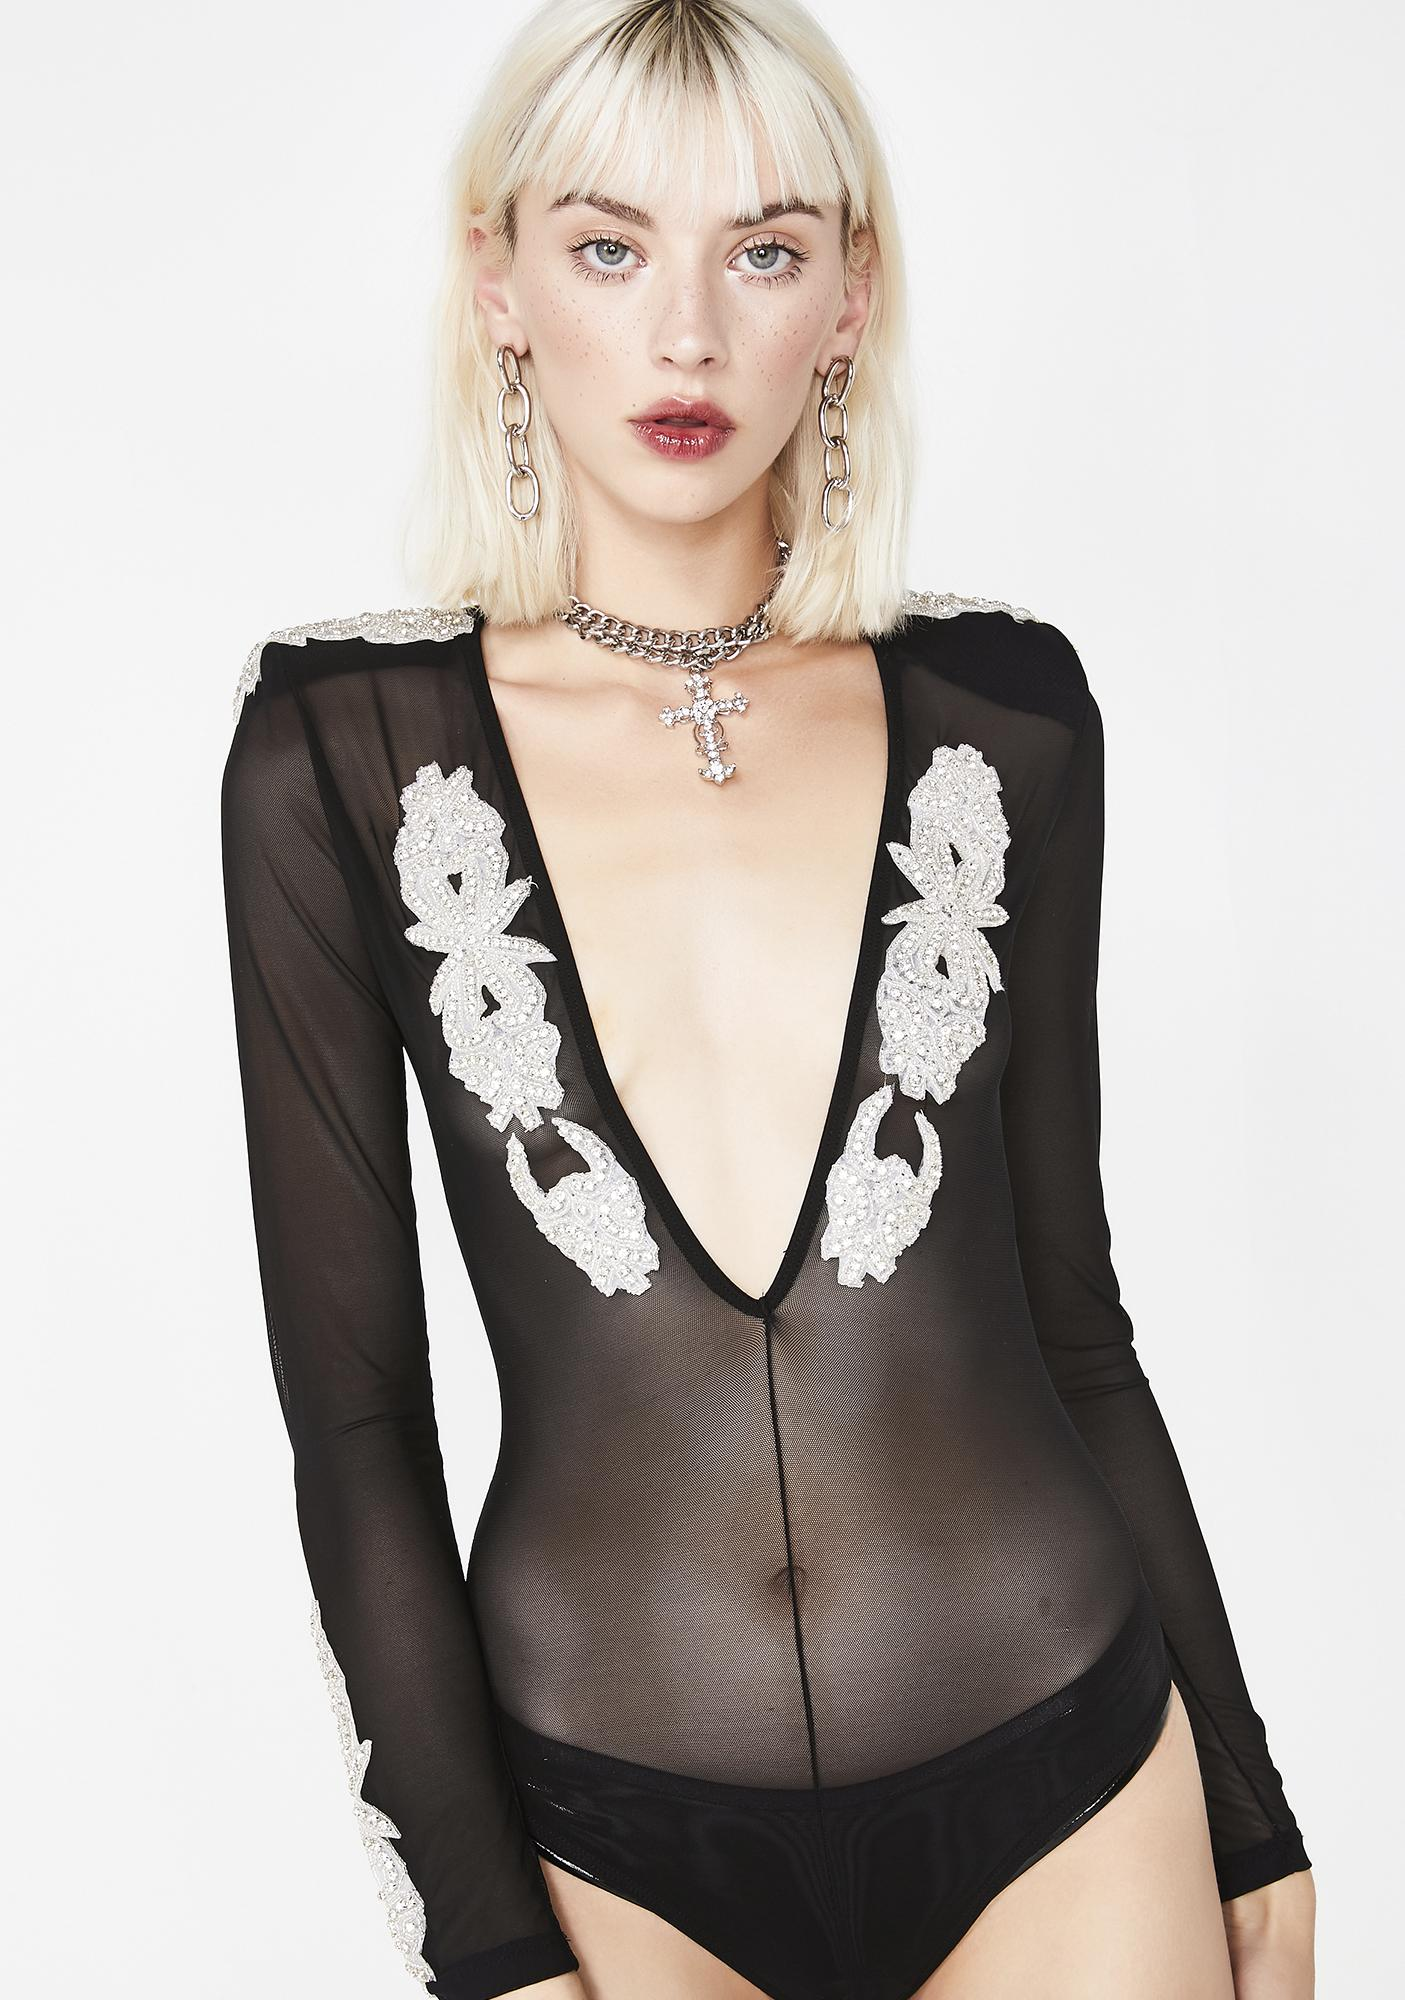 Kiki Riki Night Goddess Sheer Bodysuit